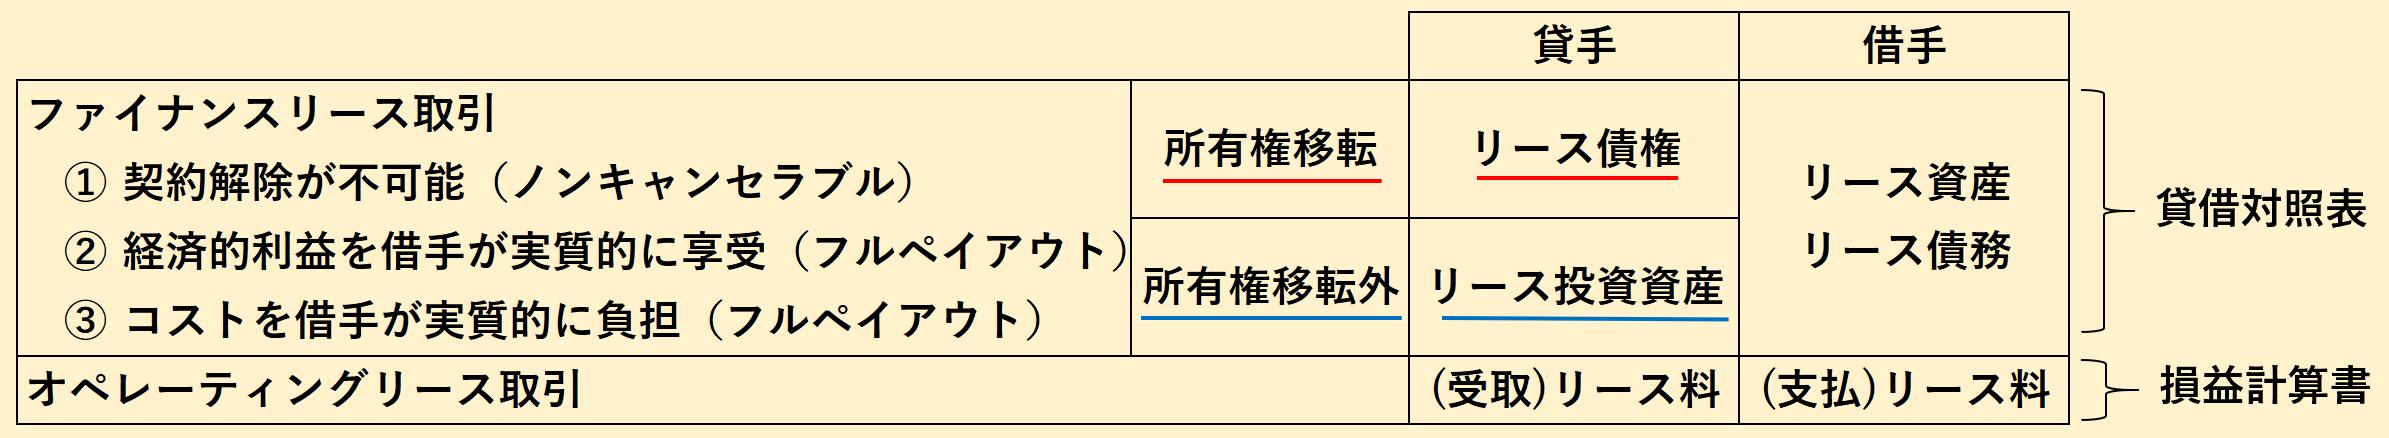 リース取引 分類